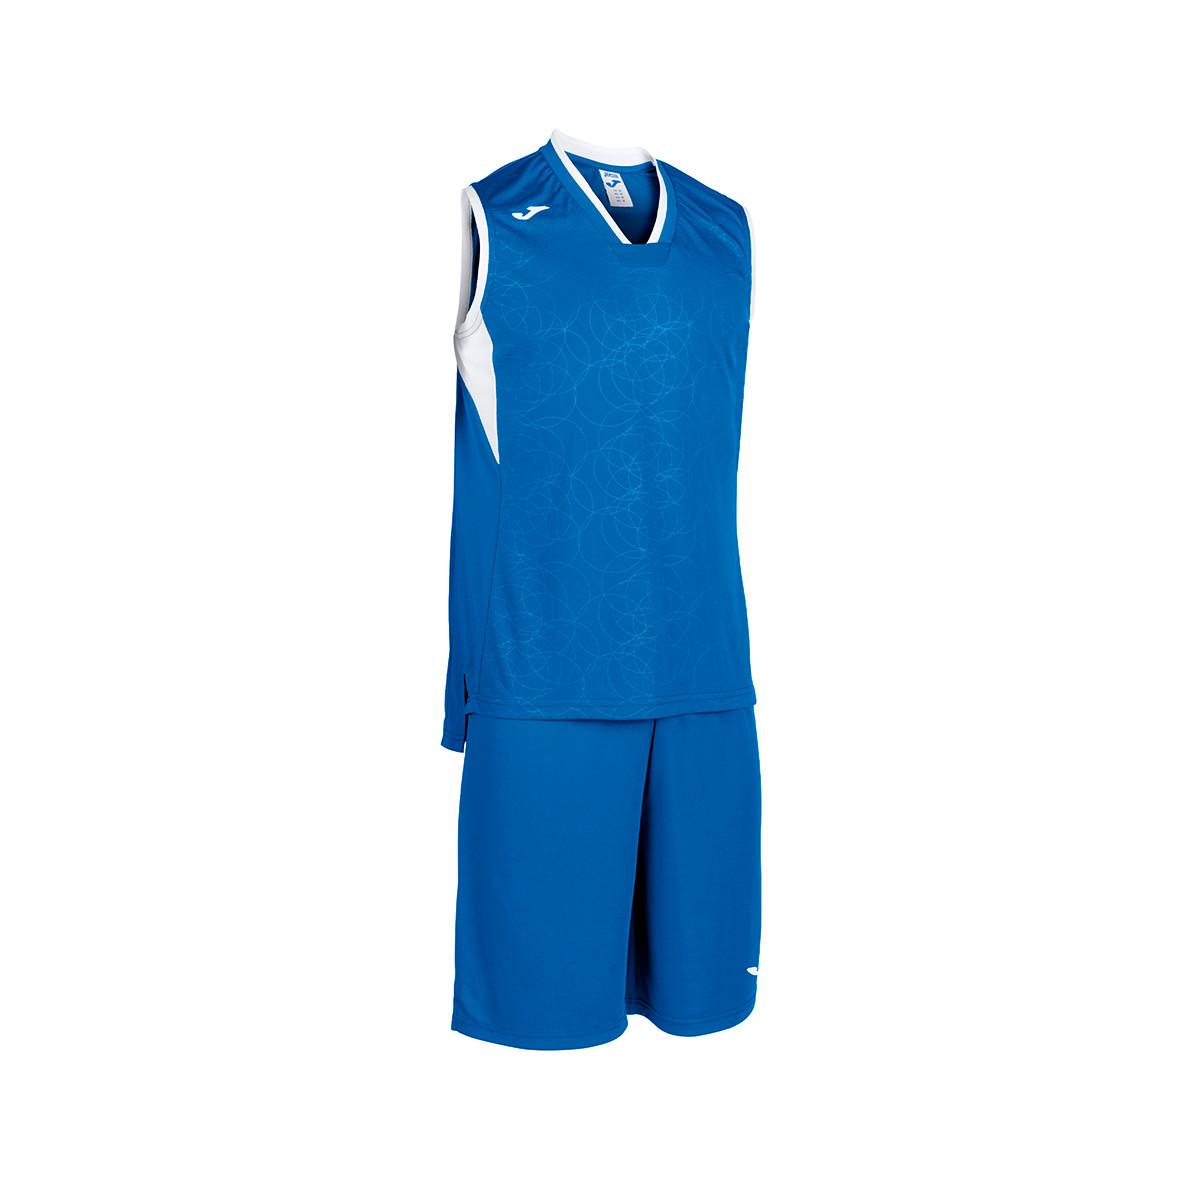 en venta Venta de descuento 2019 último clasificado Kit Joma Basket Campus s/m Royal-White - Football store Fútbol Emotion